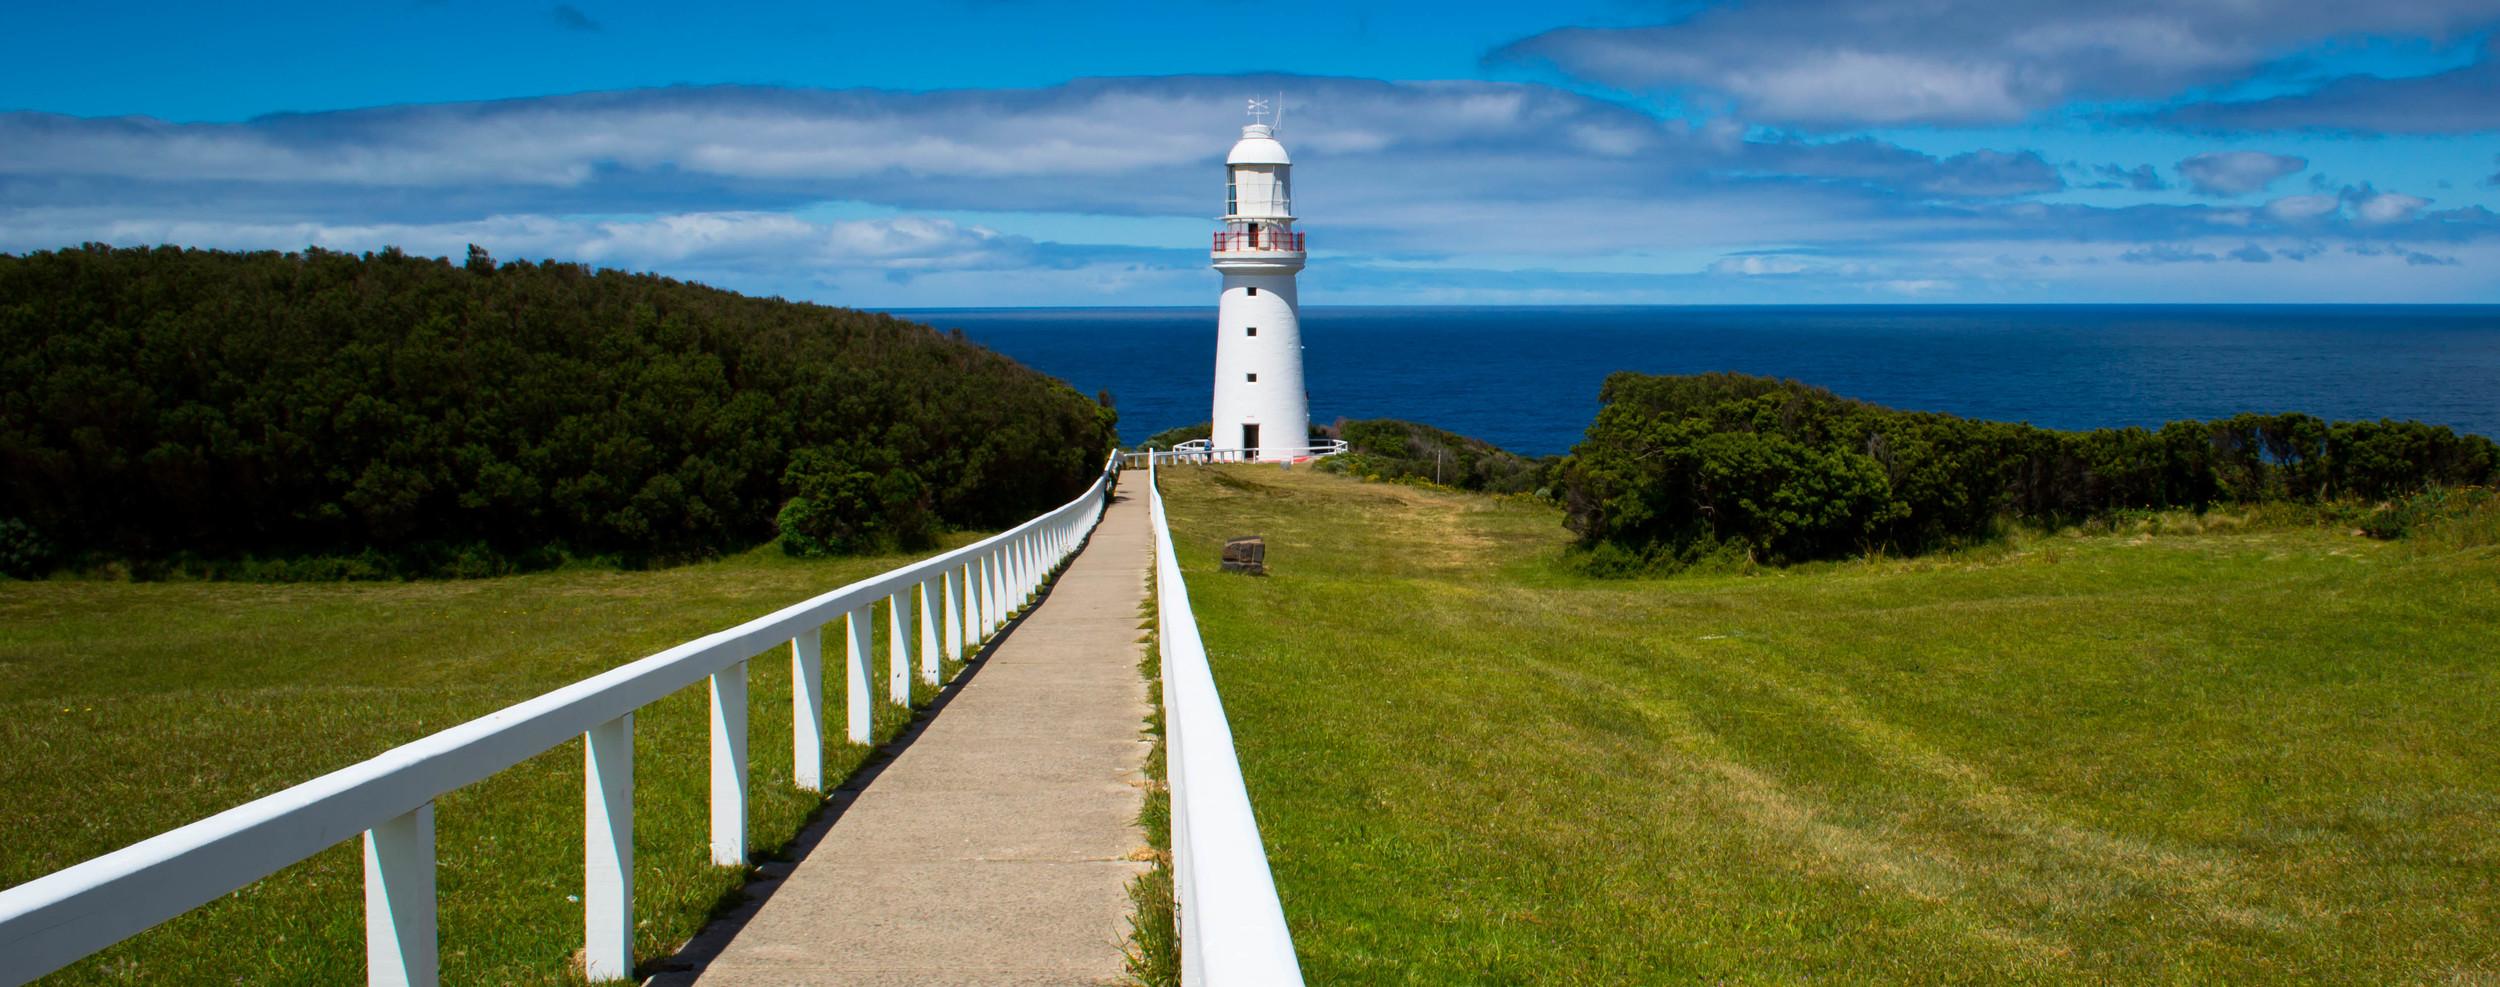 Australia Lighthouse.jpg